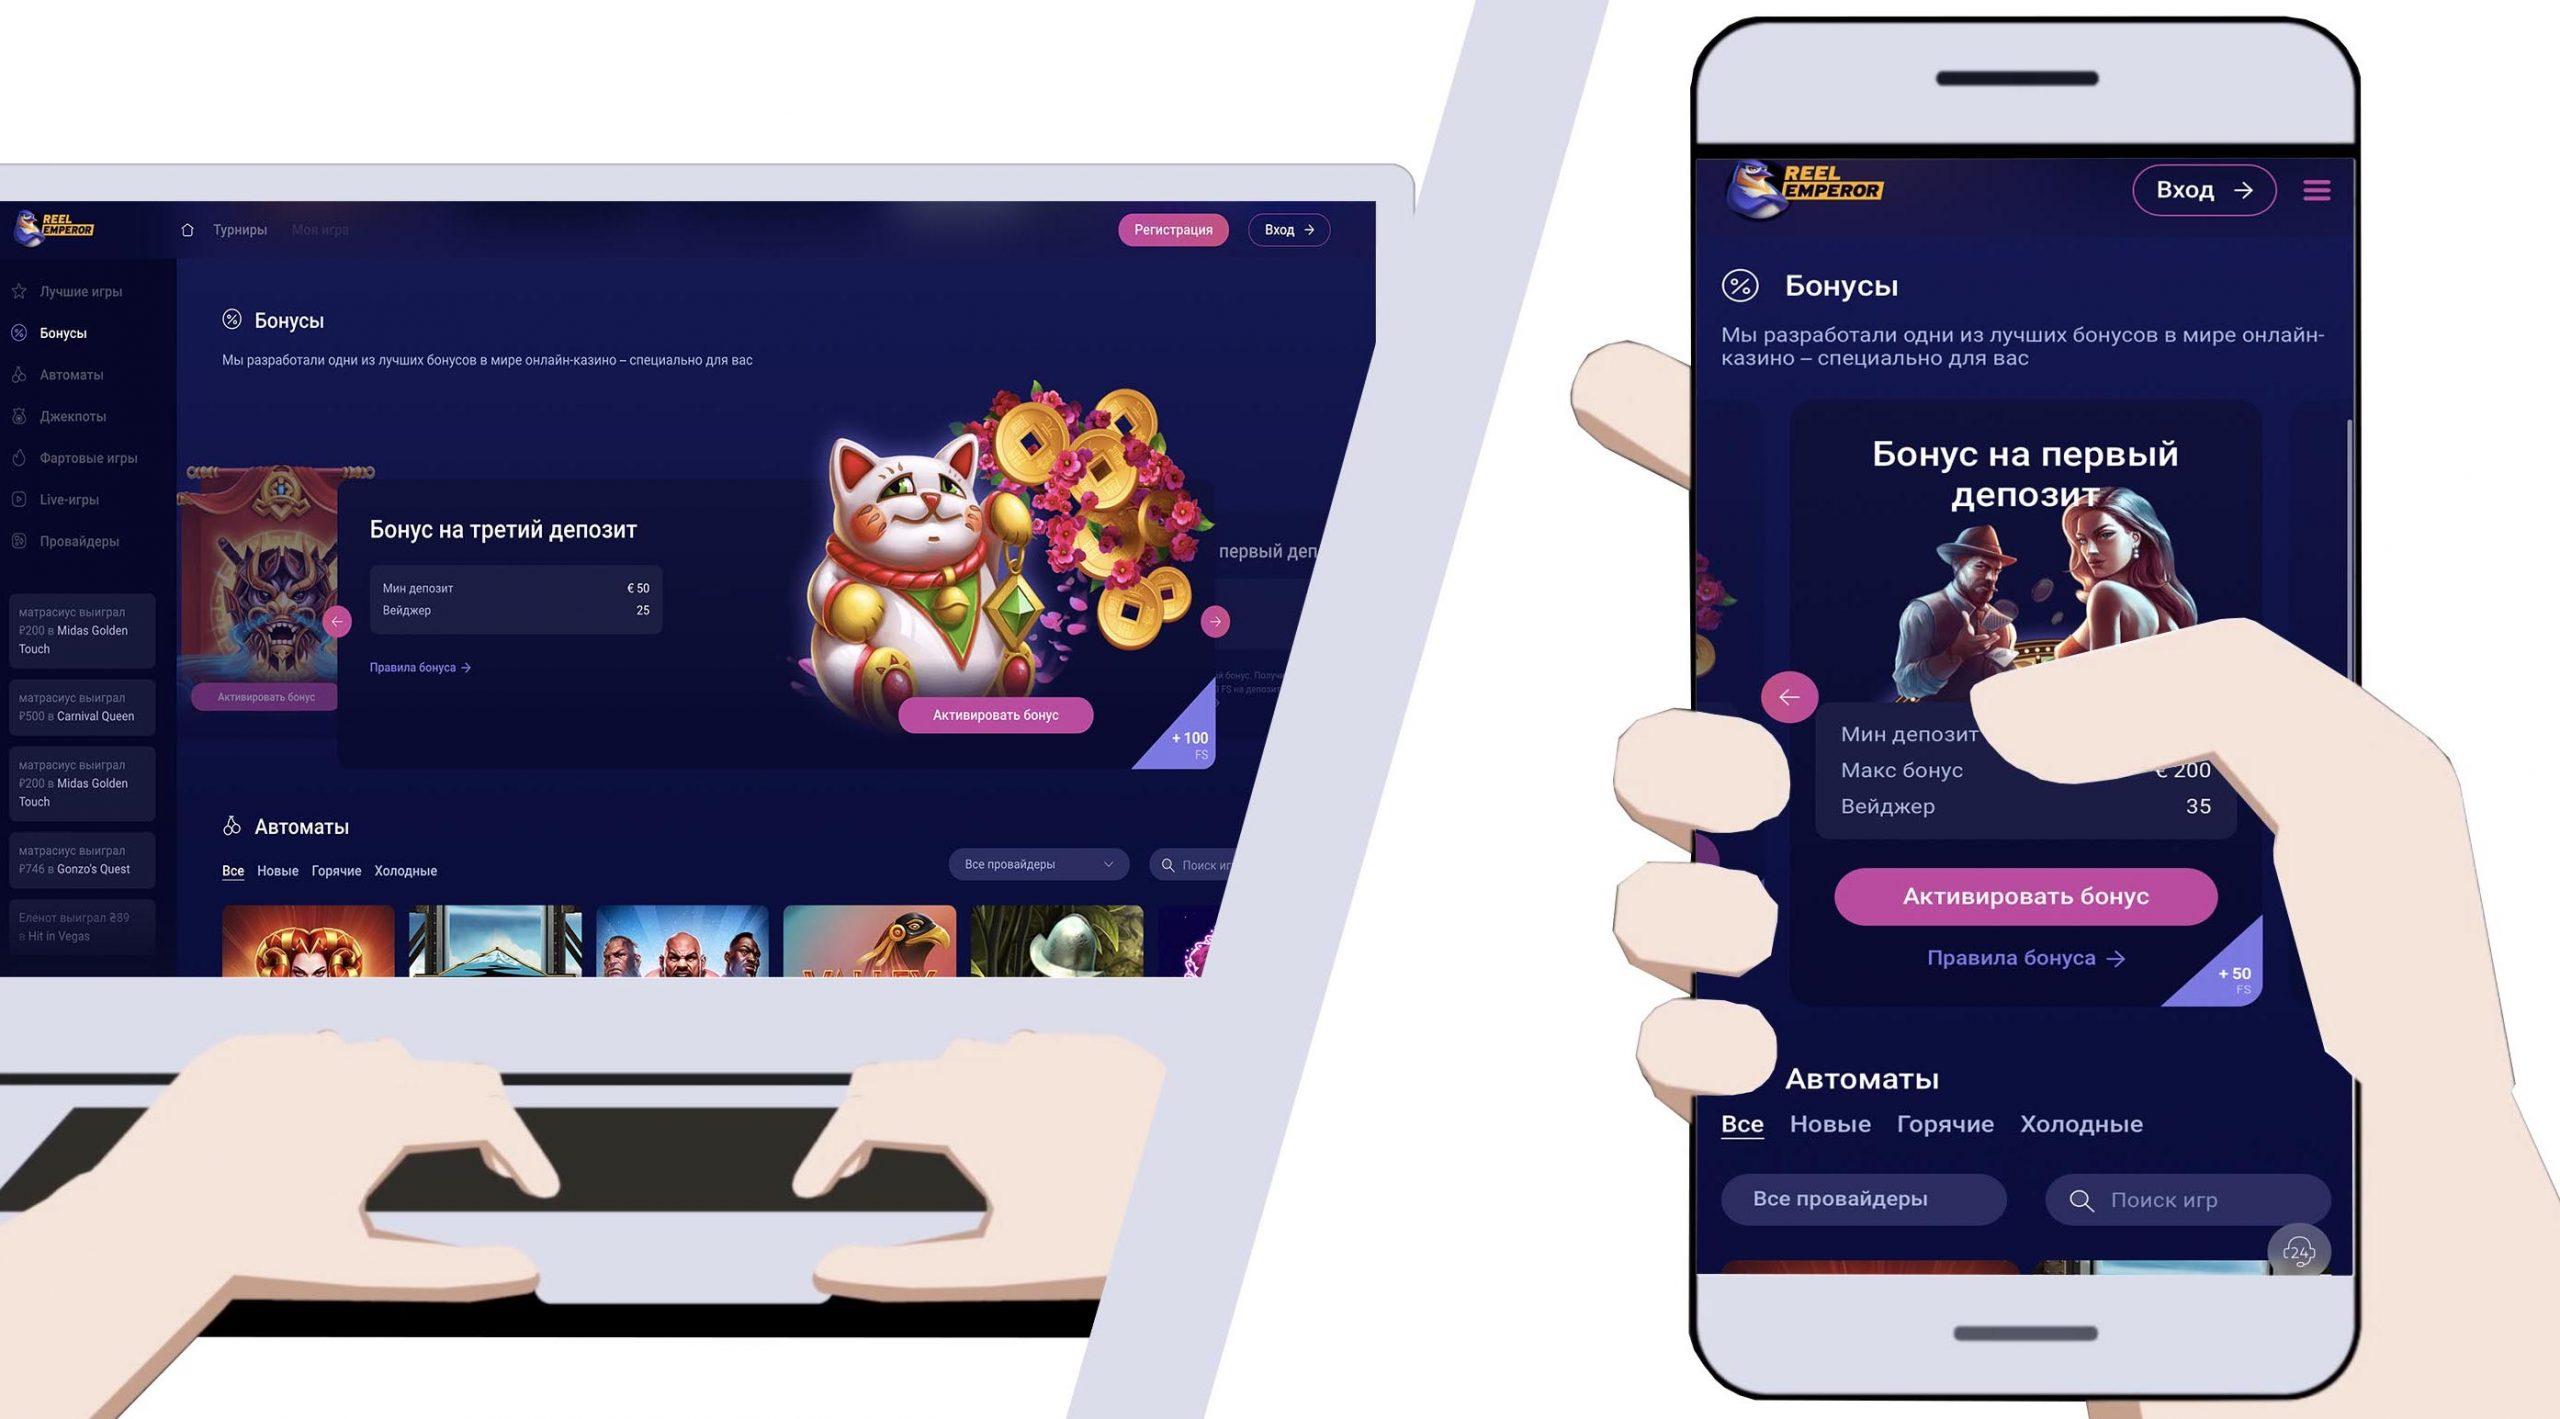 Онлайн казино ReelEmperor Украина - бонусы